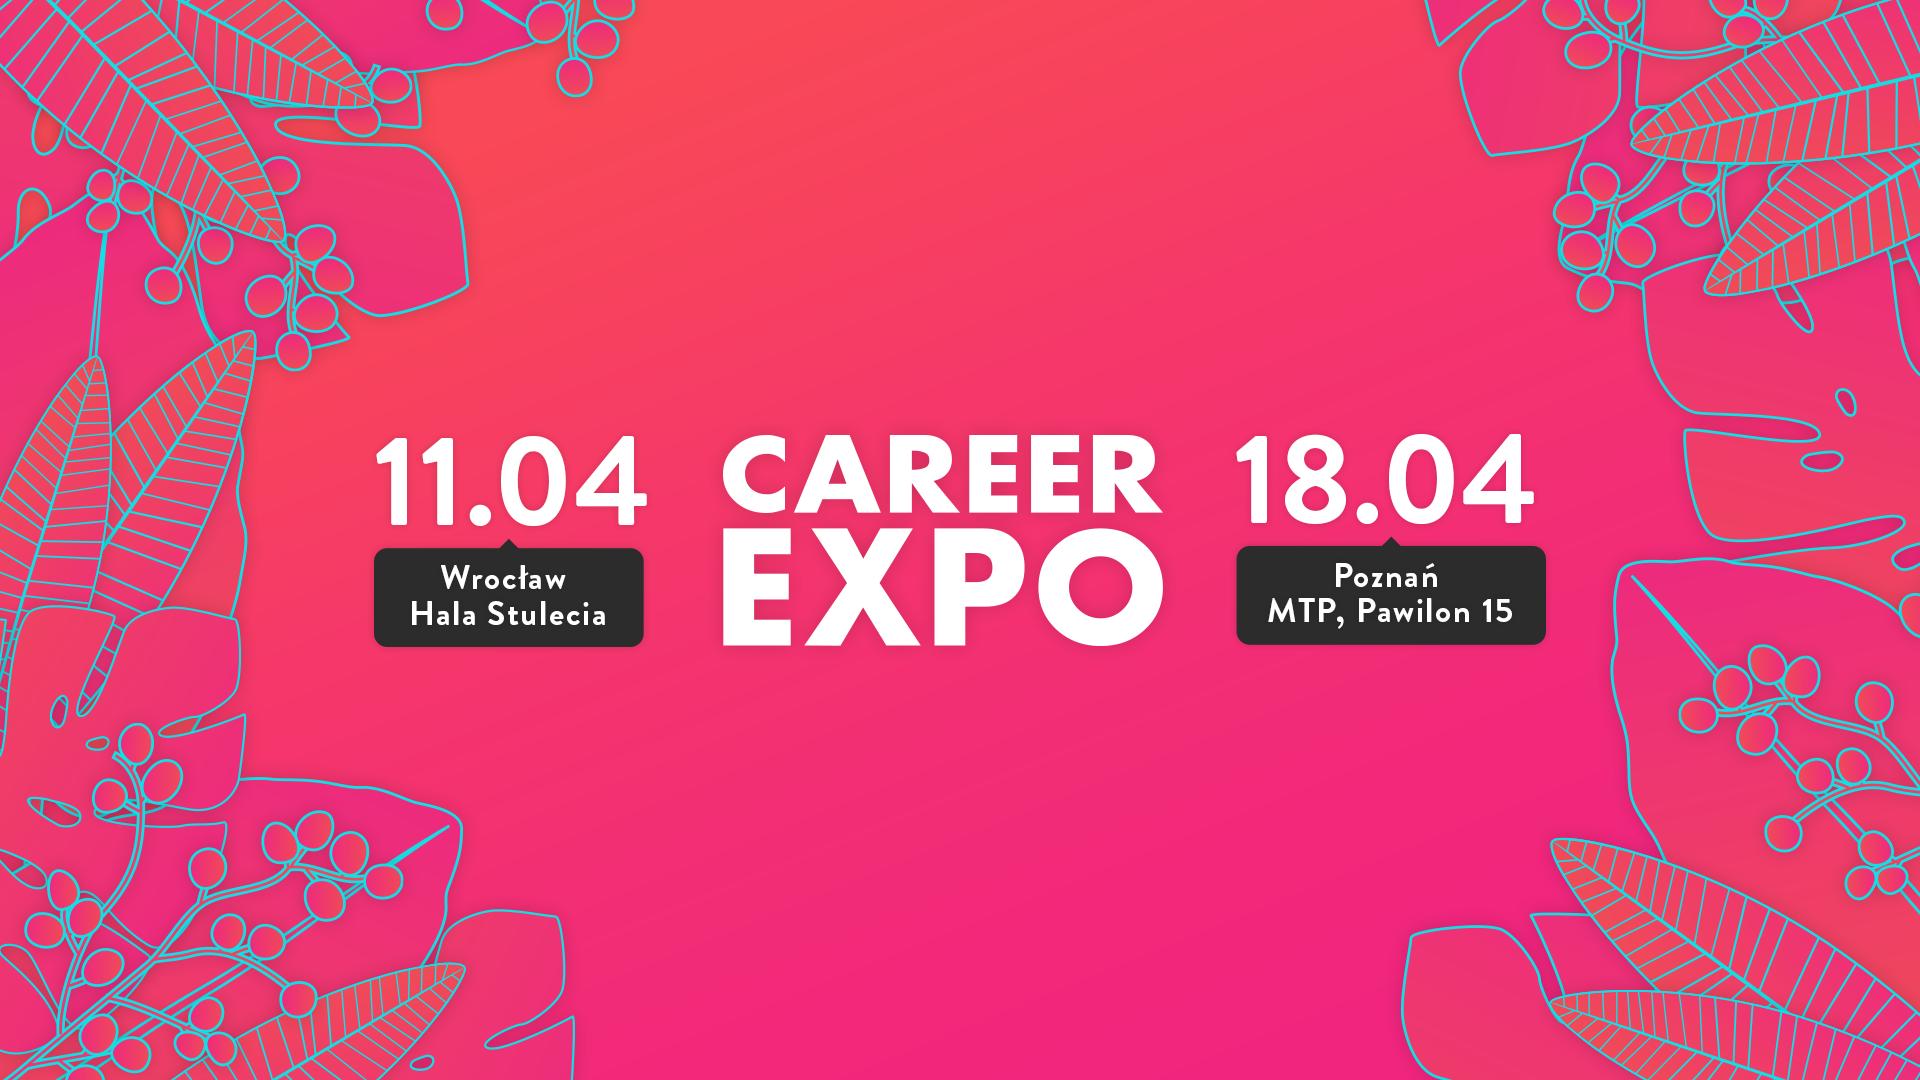 Wiosenne edycje targów pracy Career EXPO już wkrótce